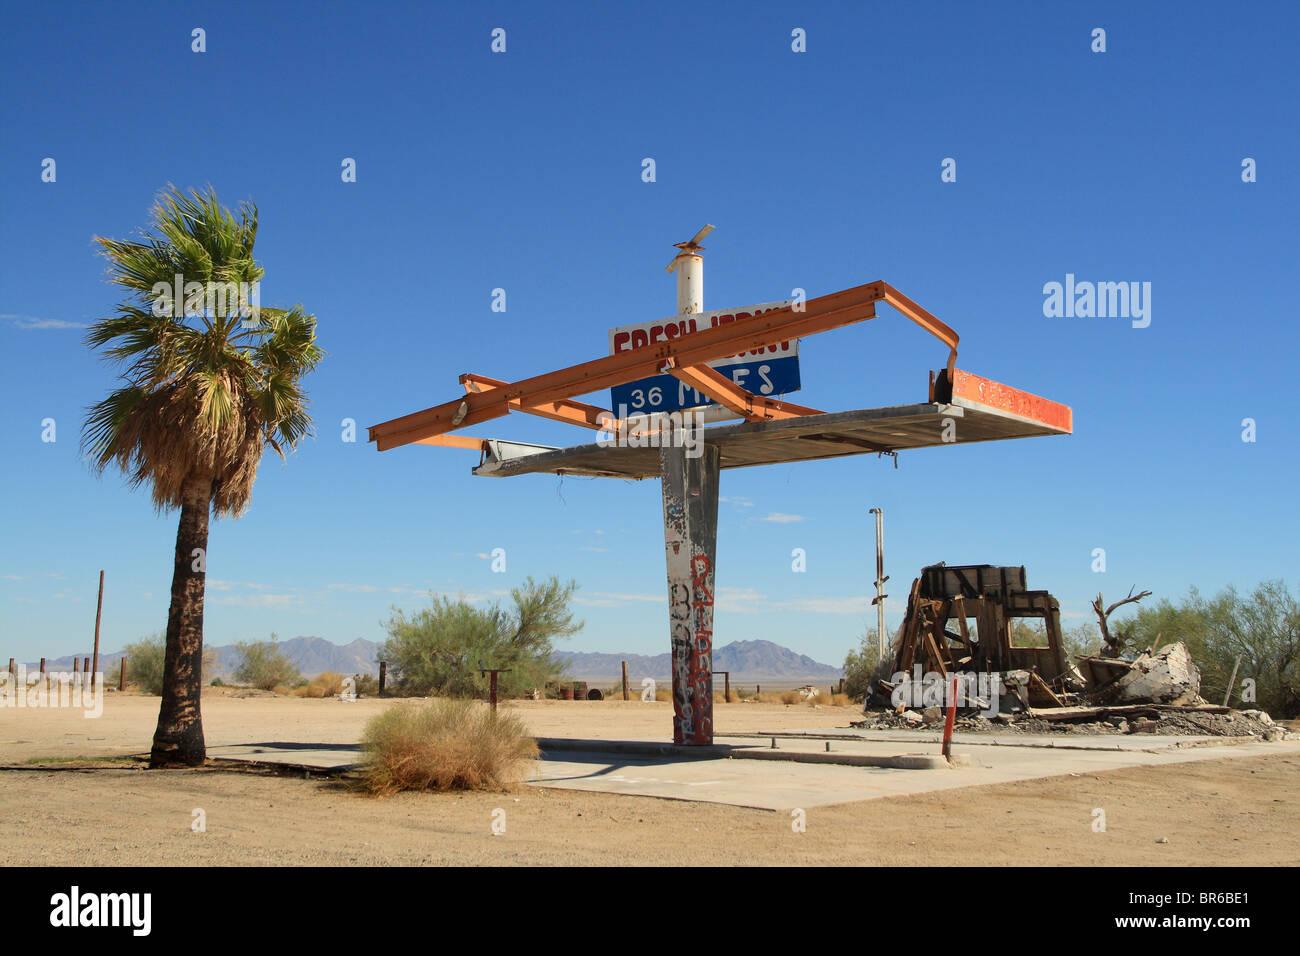 Abandoned gas station awning - Stock Image